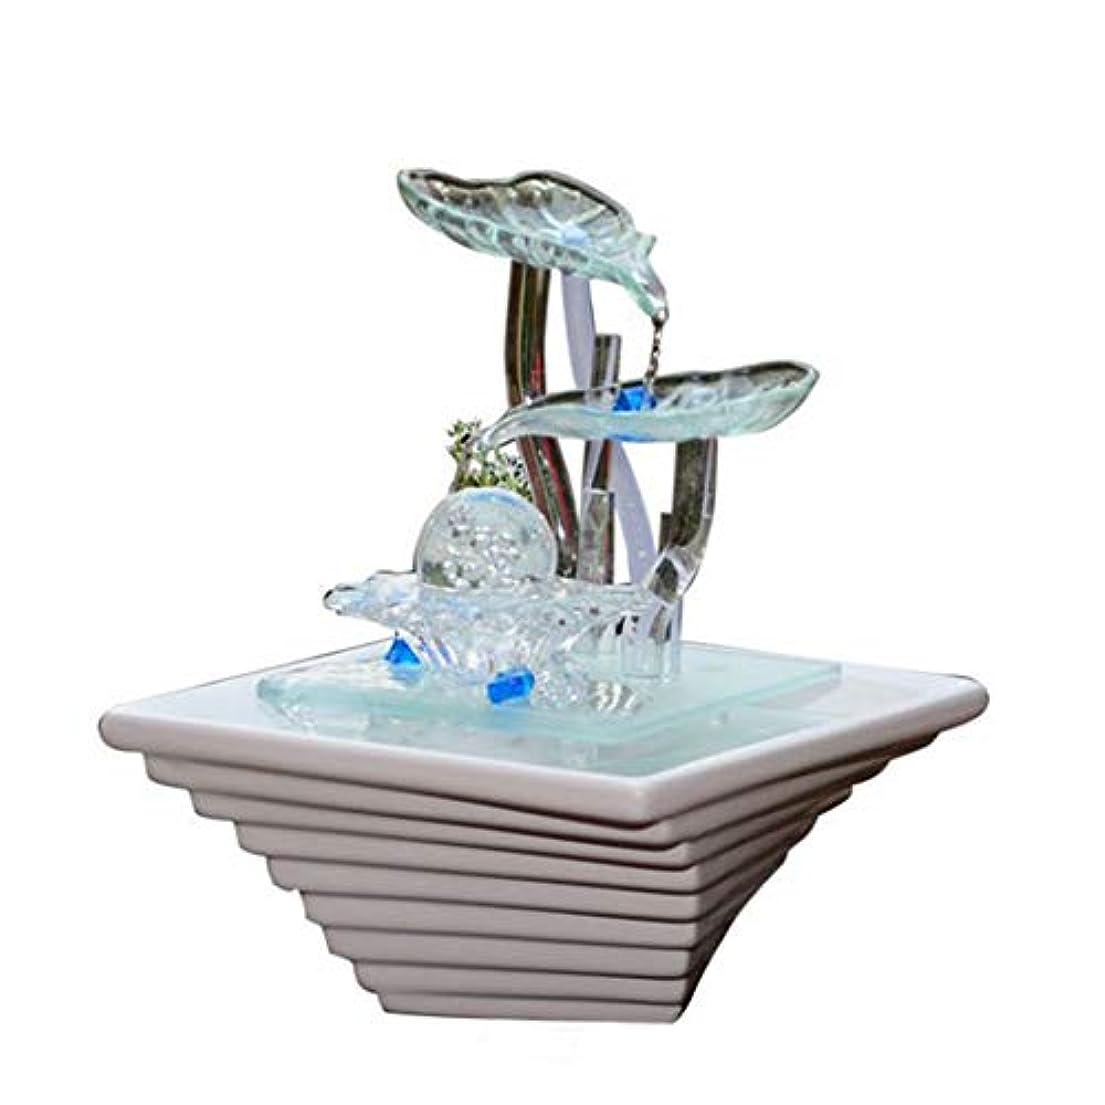 バルク体系的に効率的に加湿器ホームデスクトップの装飾セラミックガラス工芸品の装飾品噴水装飾品バレンタインデー結婚式の誕生日パーフェクトギフト